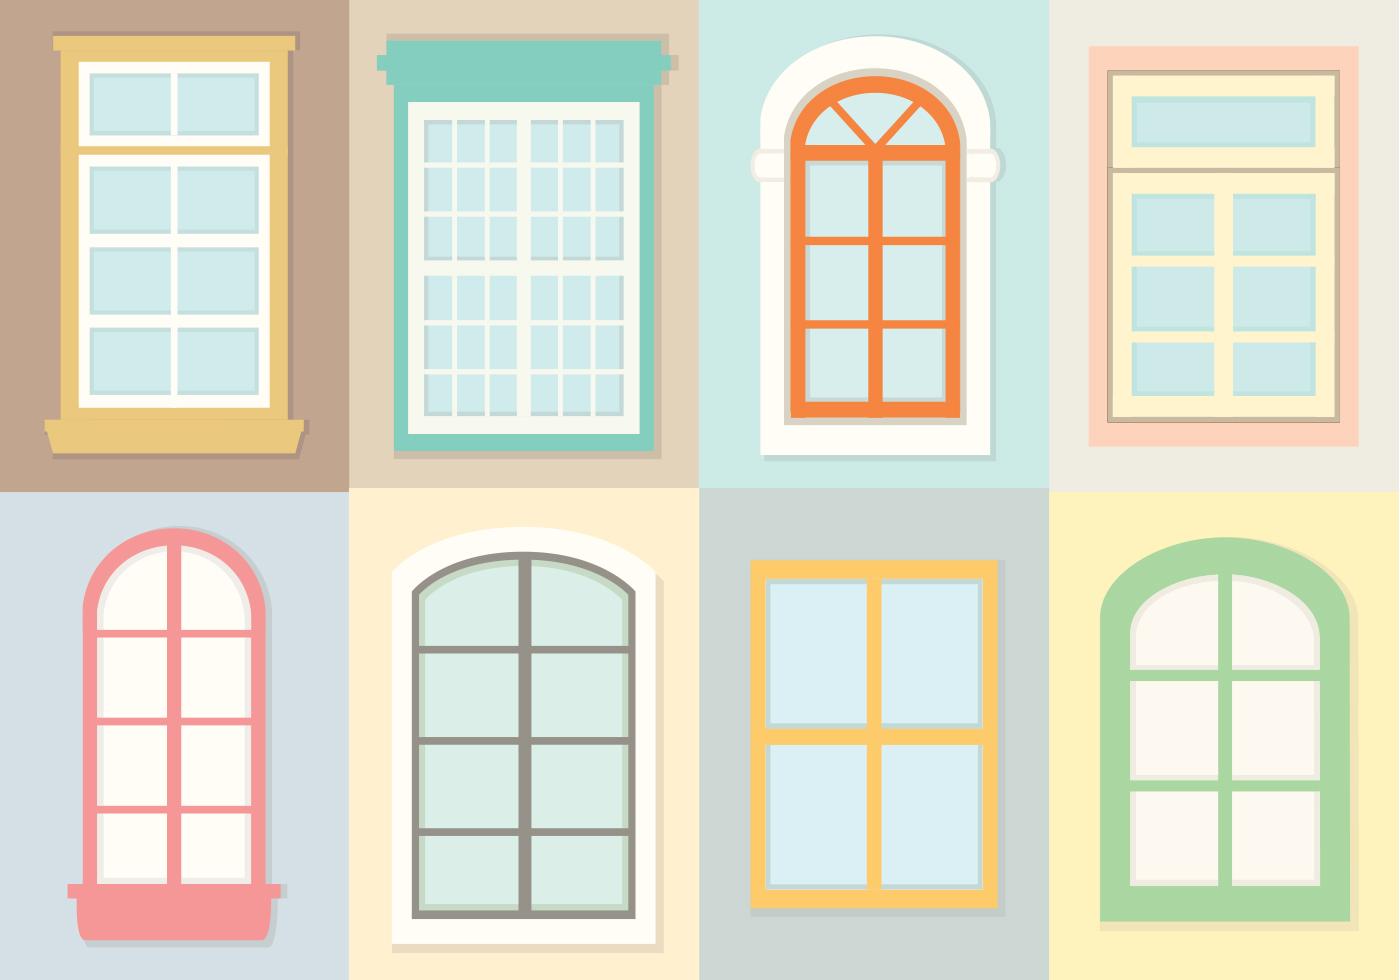 Decorative Windows Vectors Download Free Vector Art